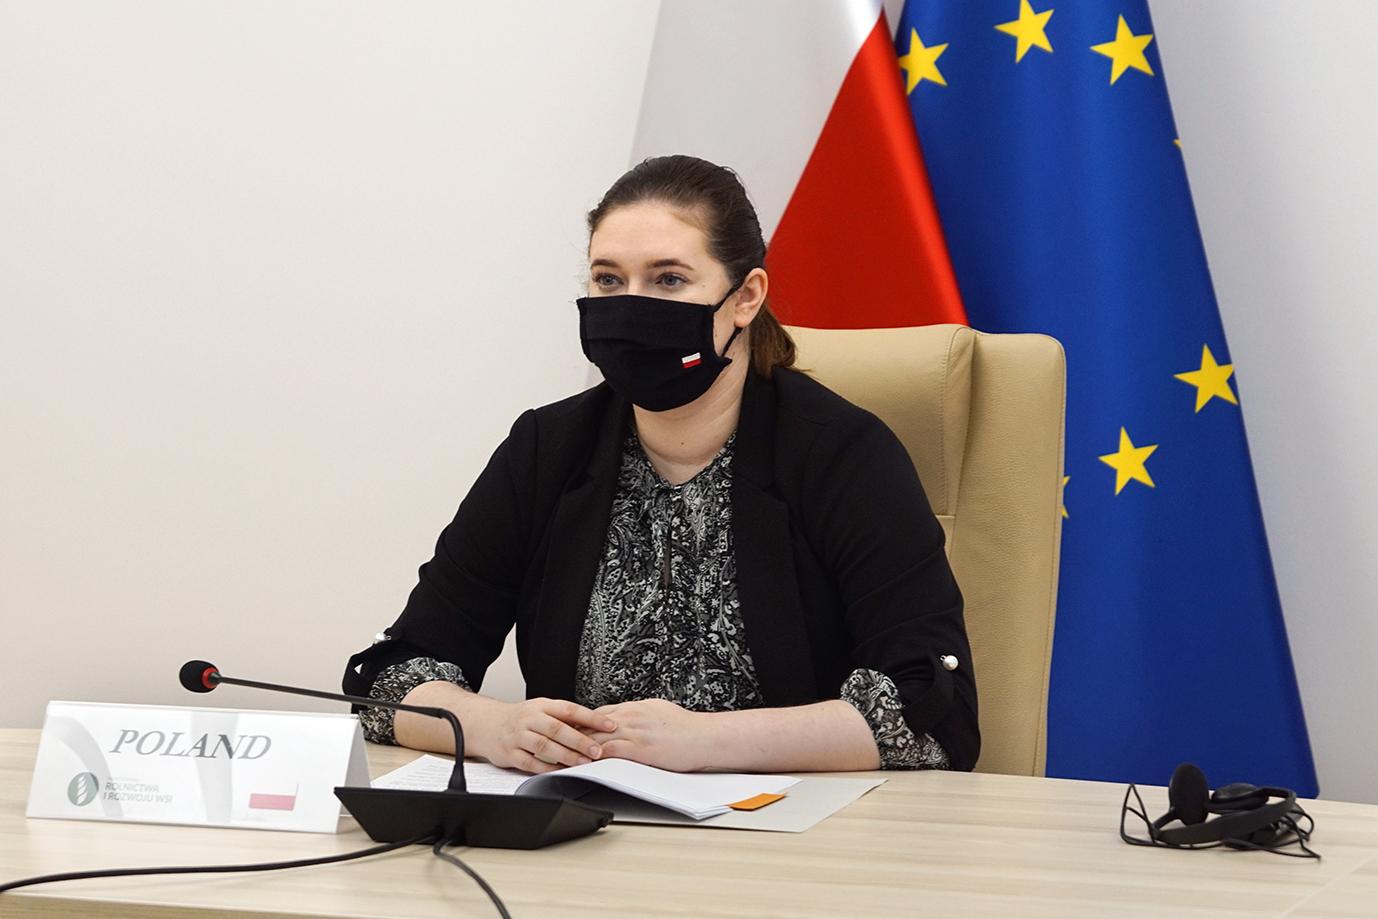 Berliński Szczyt Ministrów Rolnictwa. Wiceminister Anna Gembicka podczas wideokonferencji (fot. MRiRW)